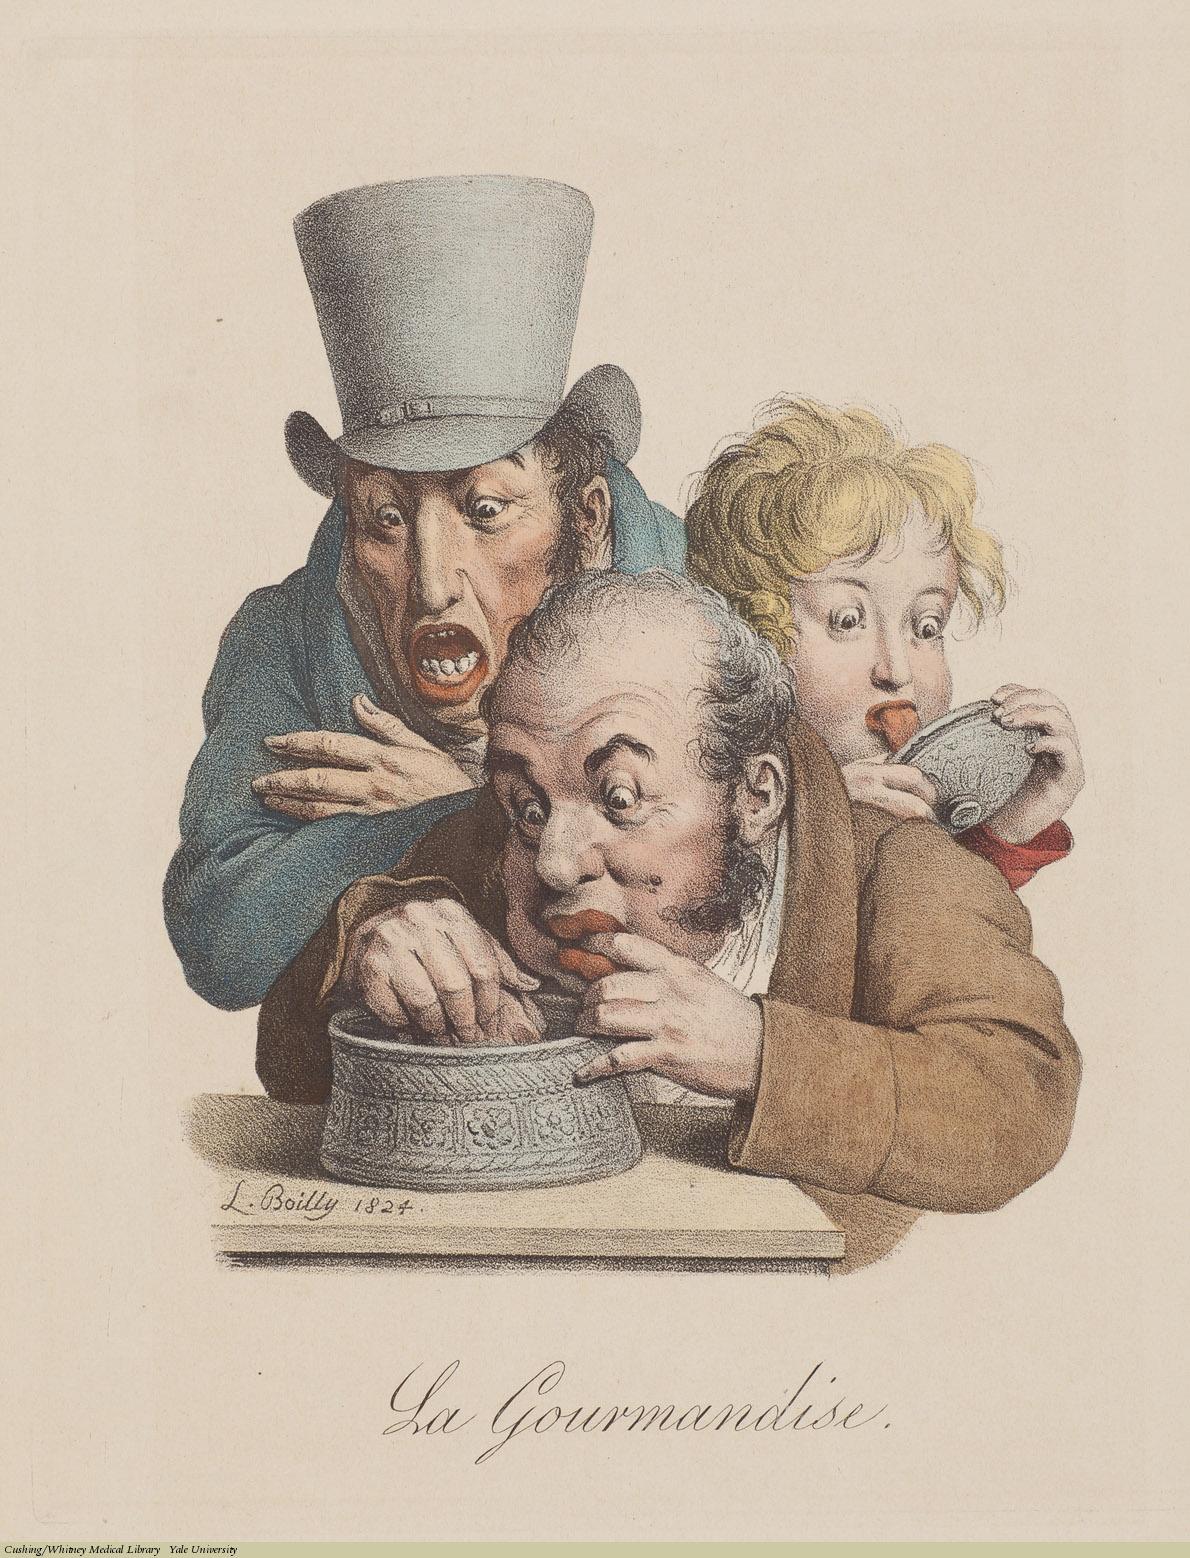 La Gourmandise, Louis-Léopold Boilly, Lithograph,1824.